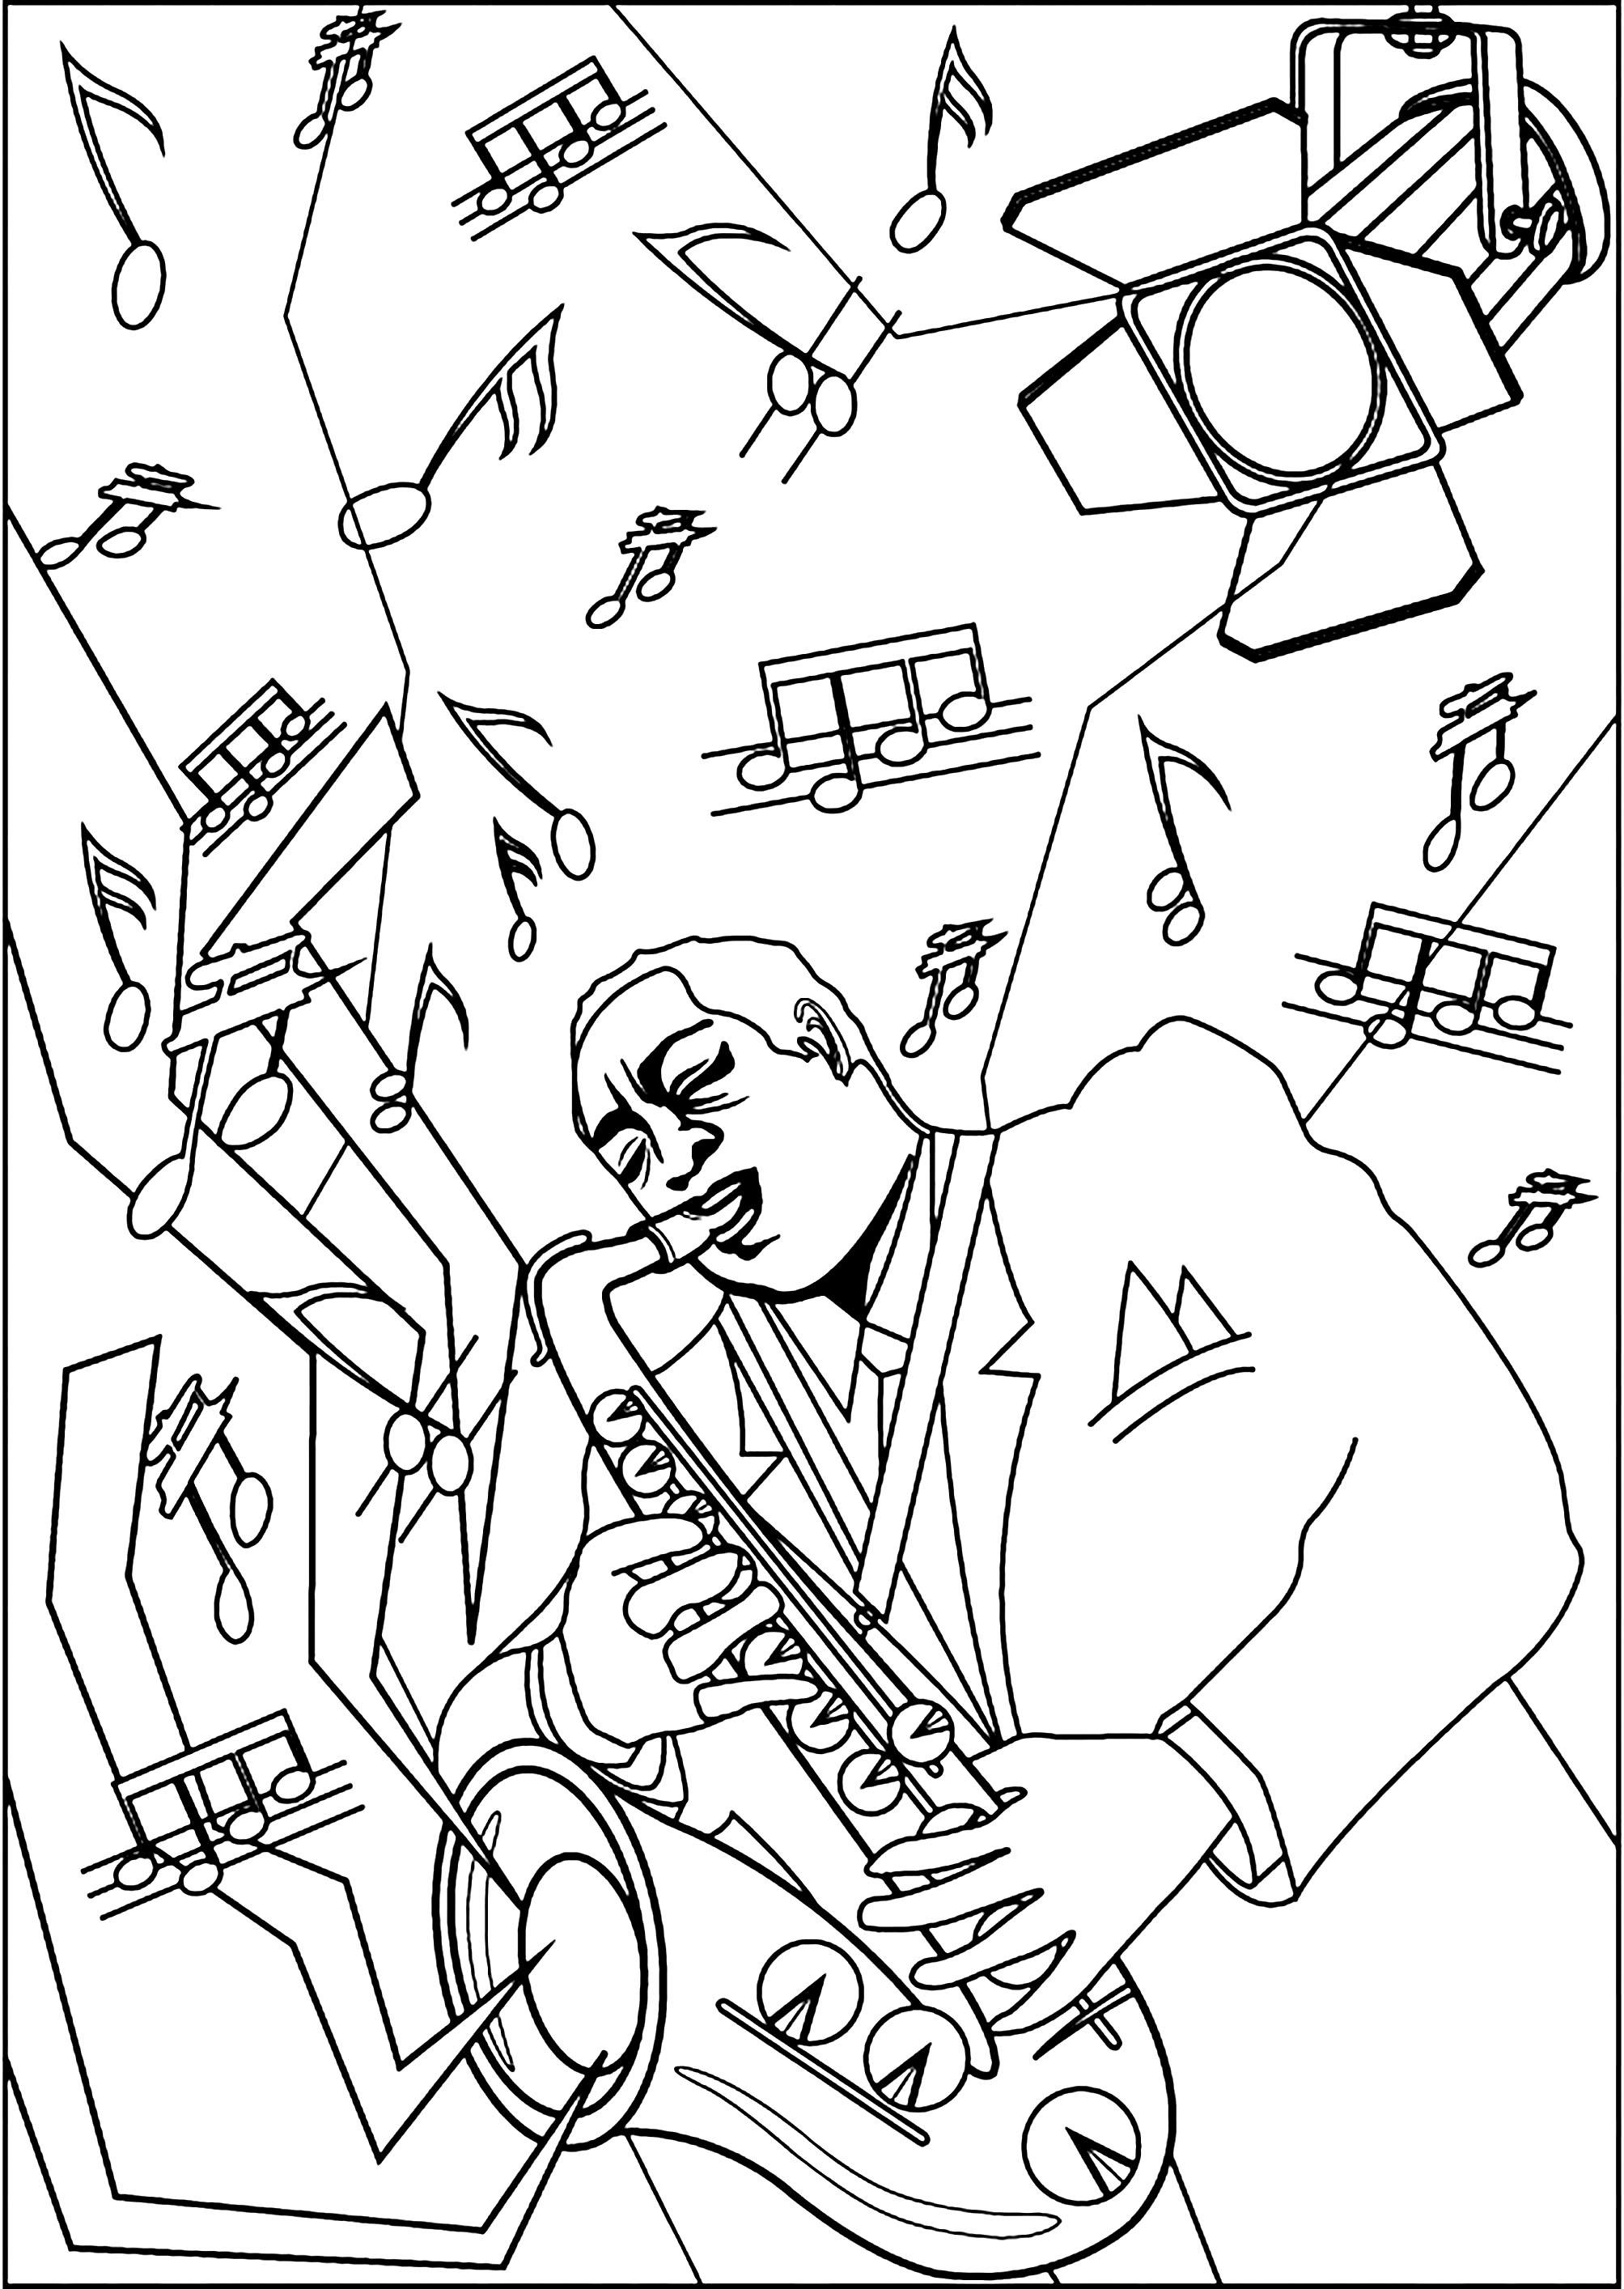 Musicien jouant du saxophone sur une scène illuminée par un projecteur lumineux